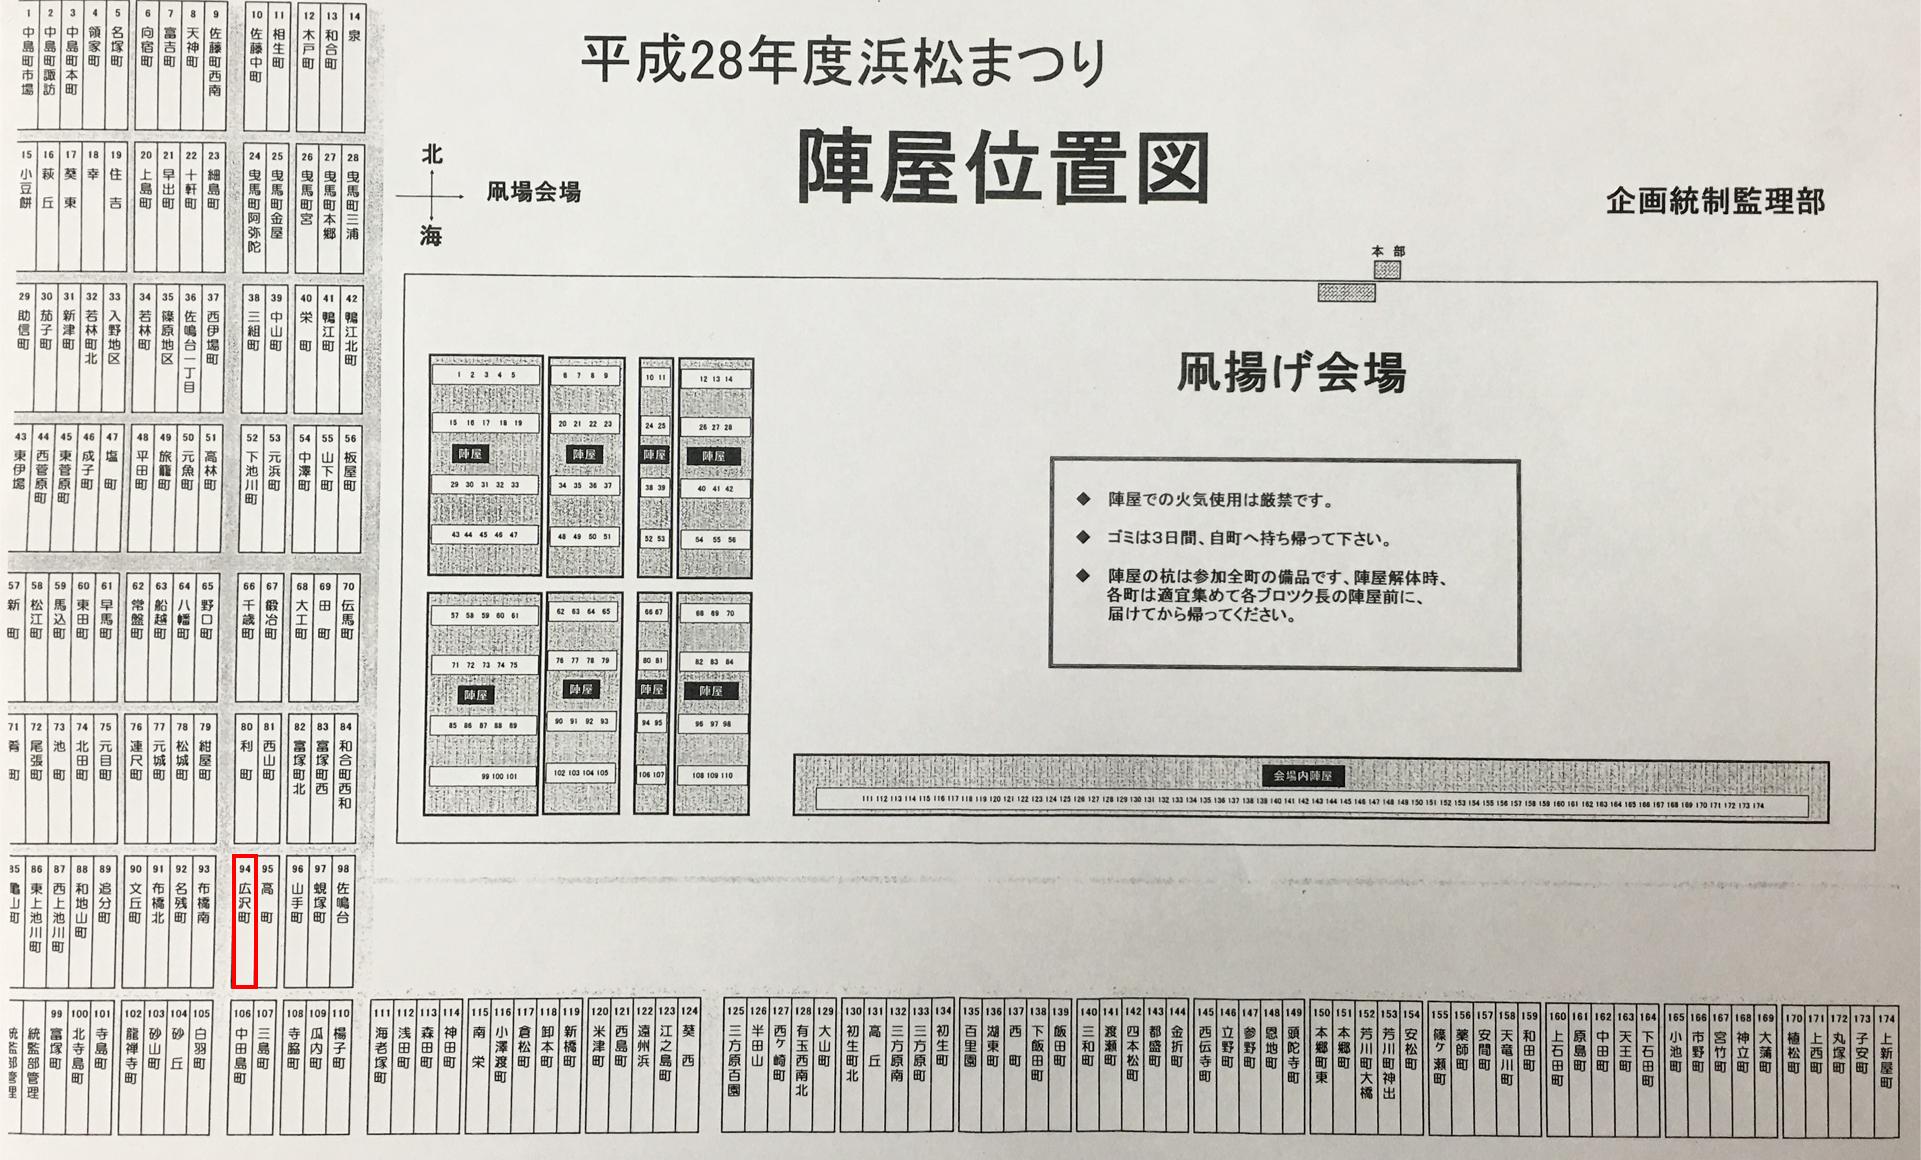 平成28年度広沢町 凧場陣屋位置